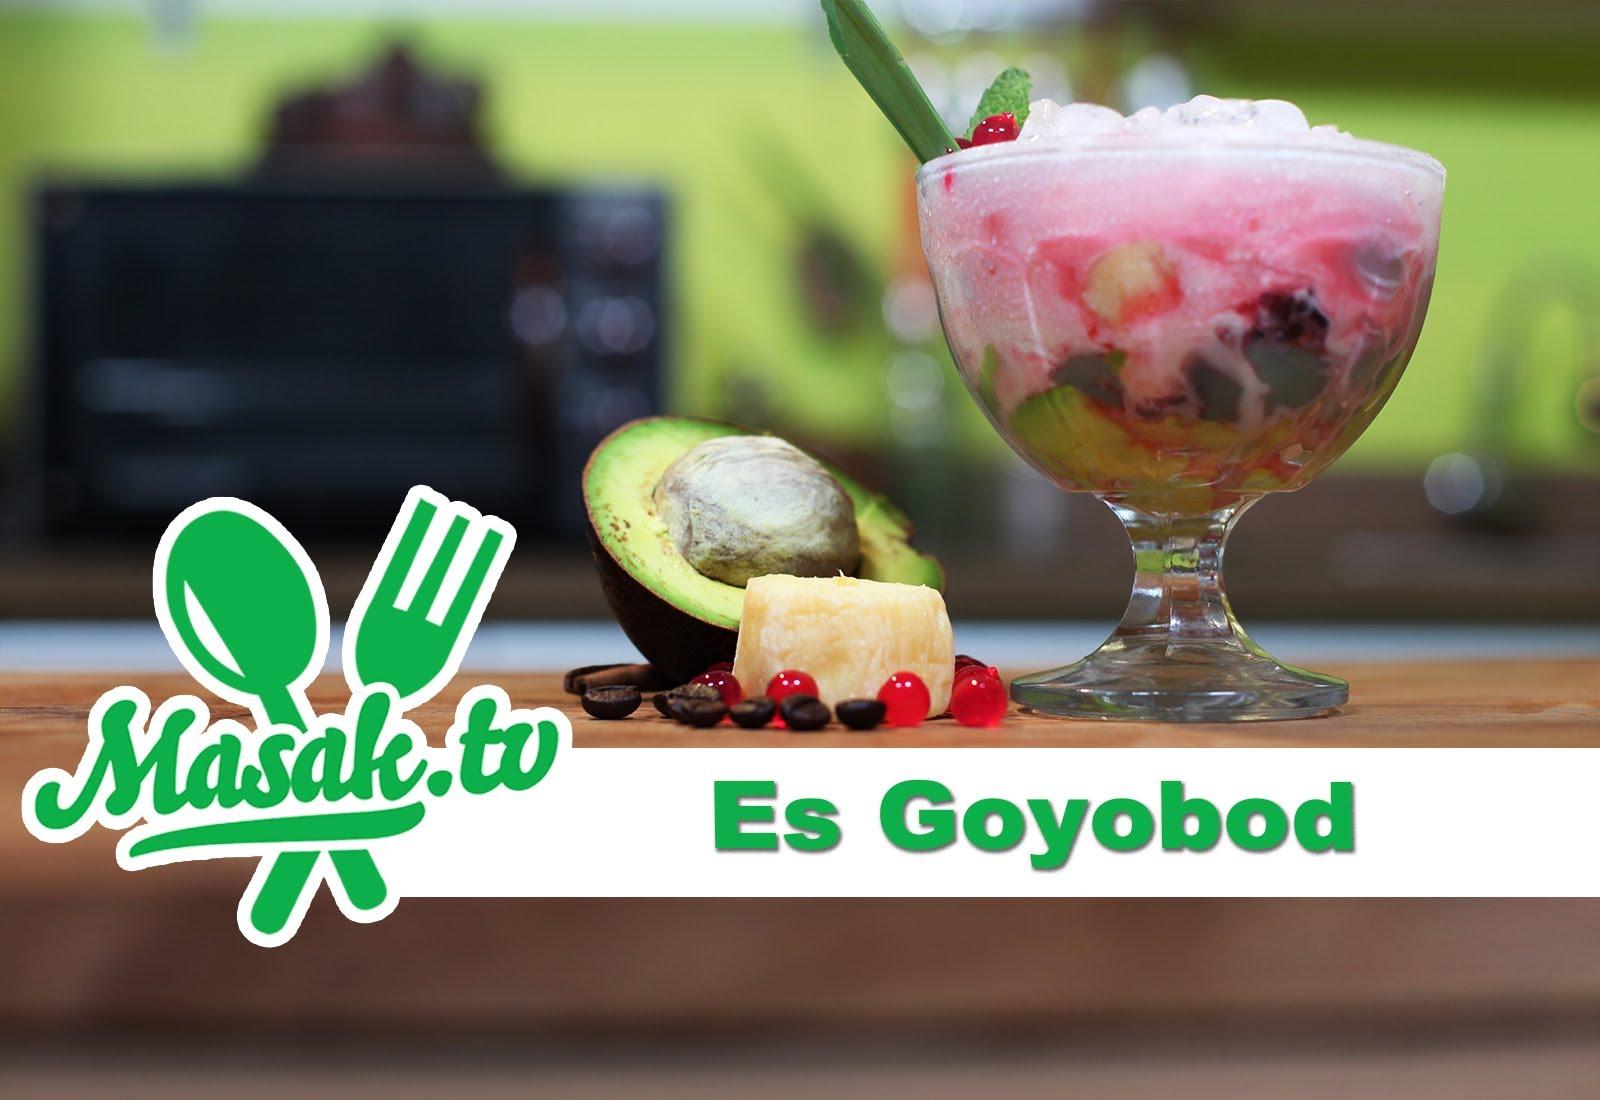 Es Goyobod